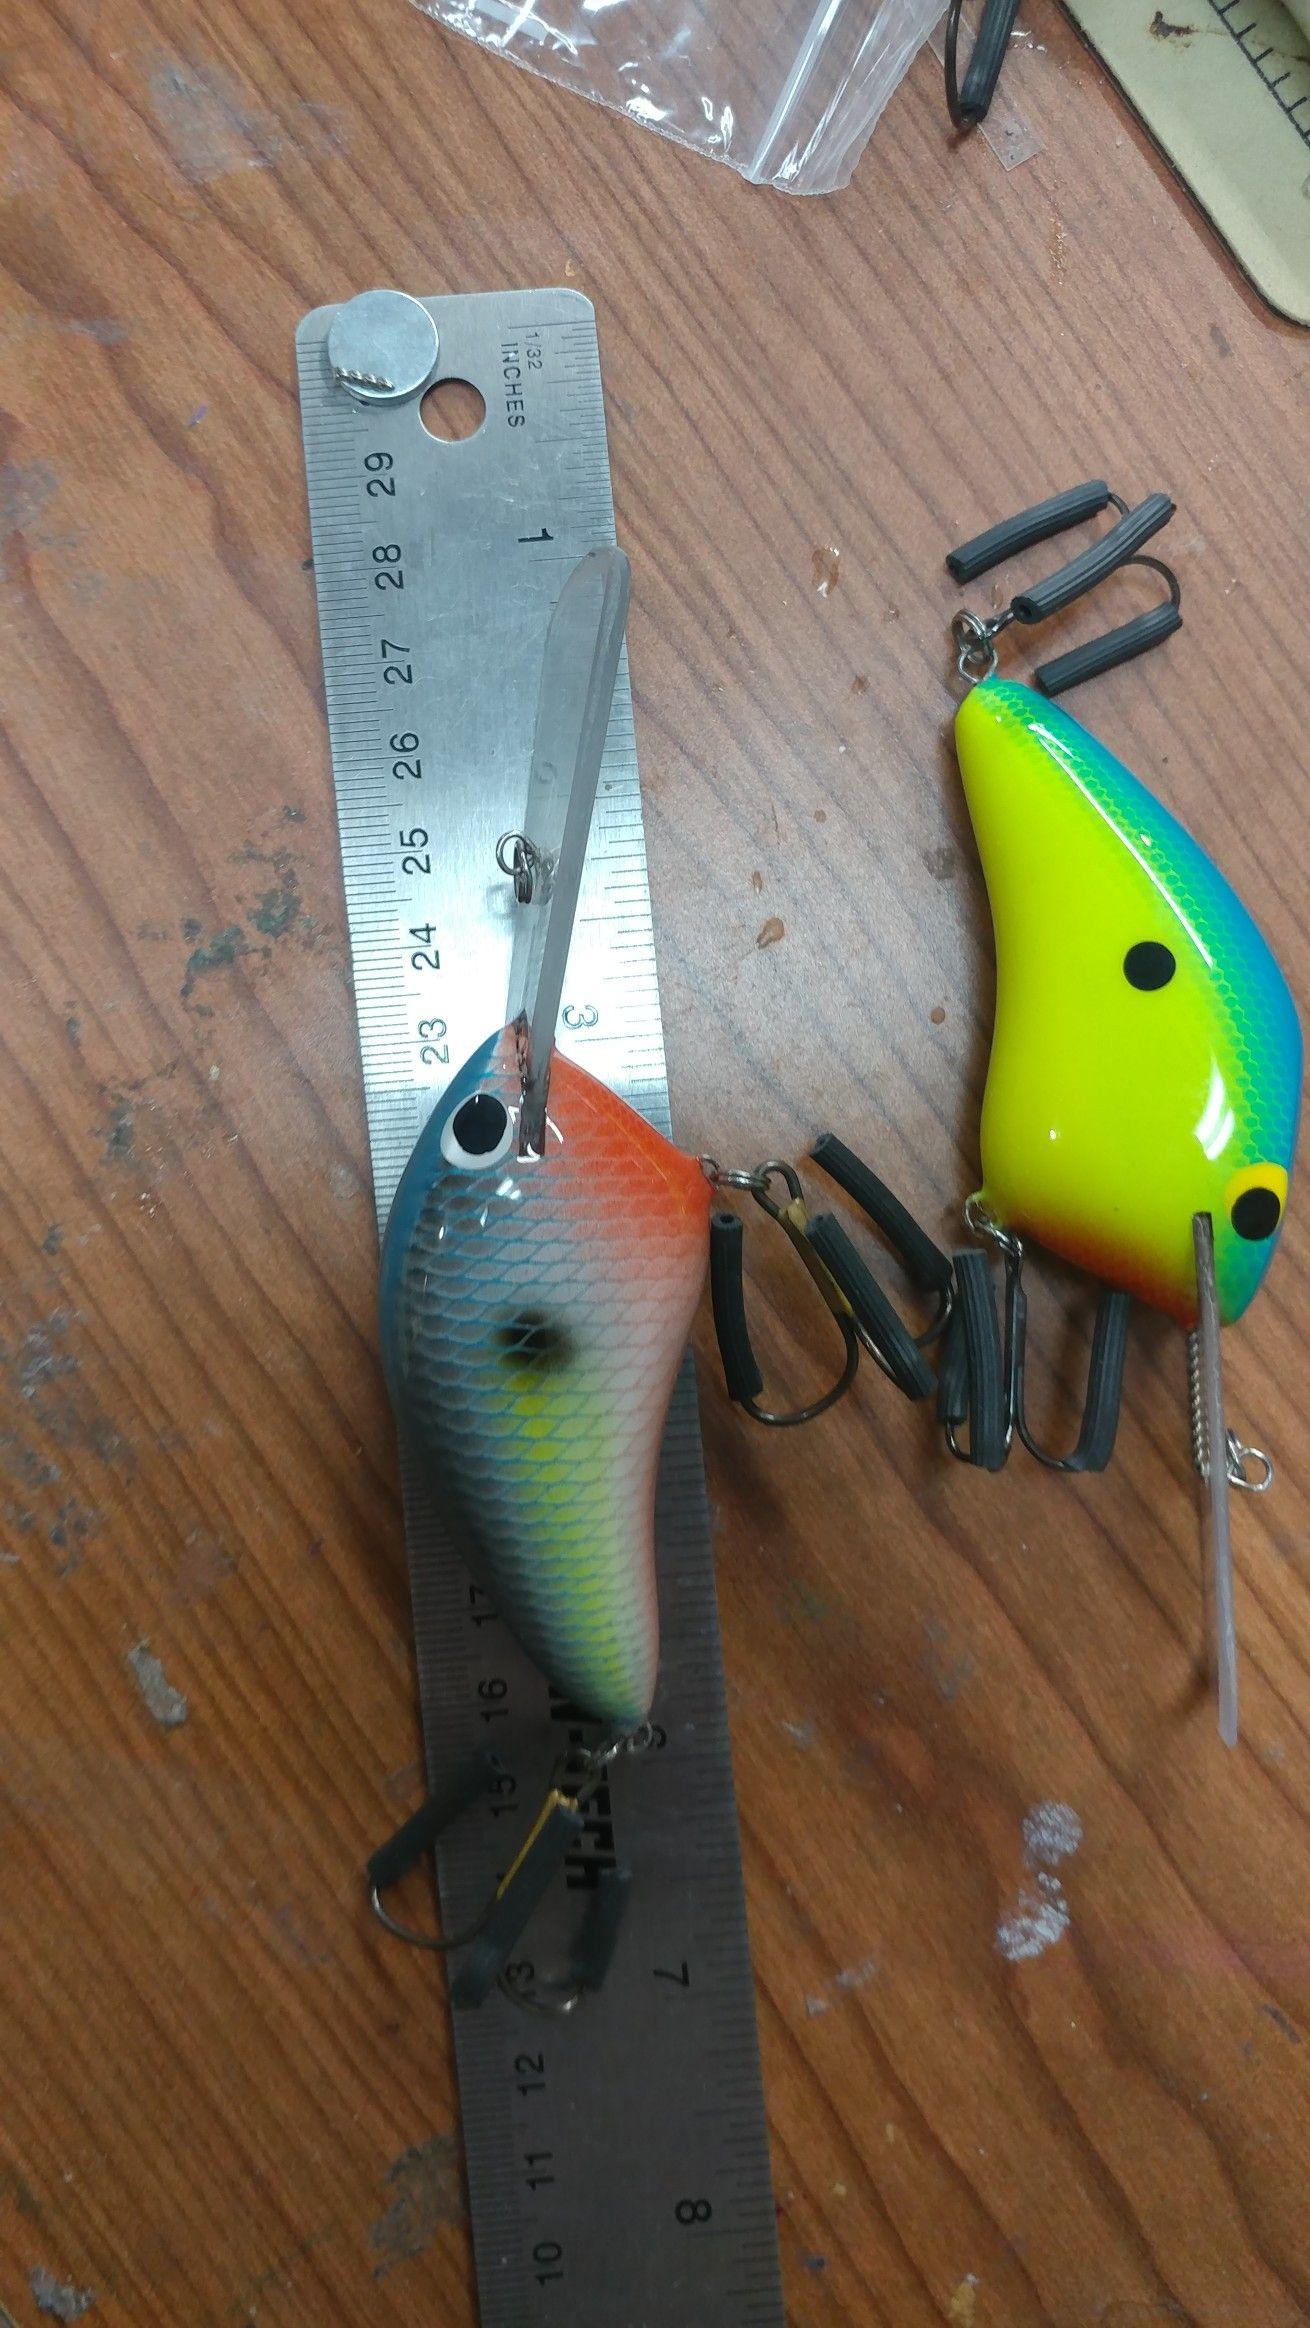 Diy fishing lures by rkibort handmade things on rkibort